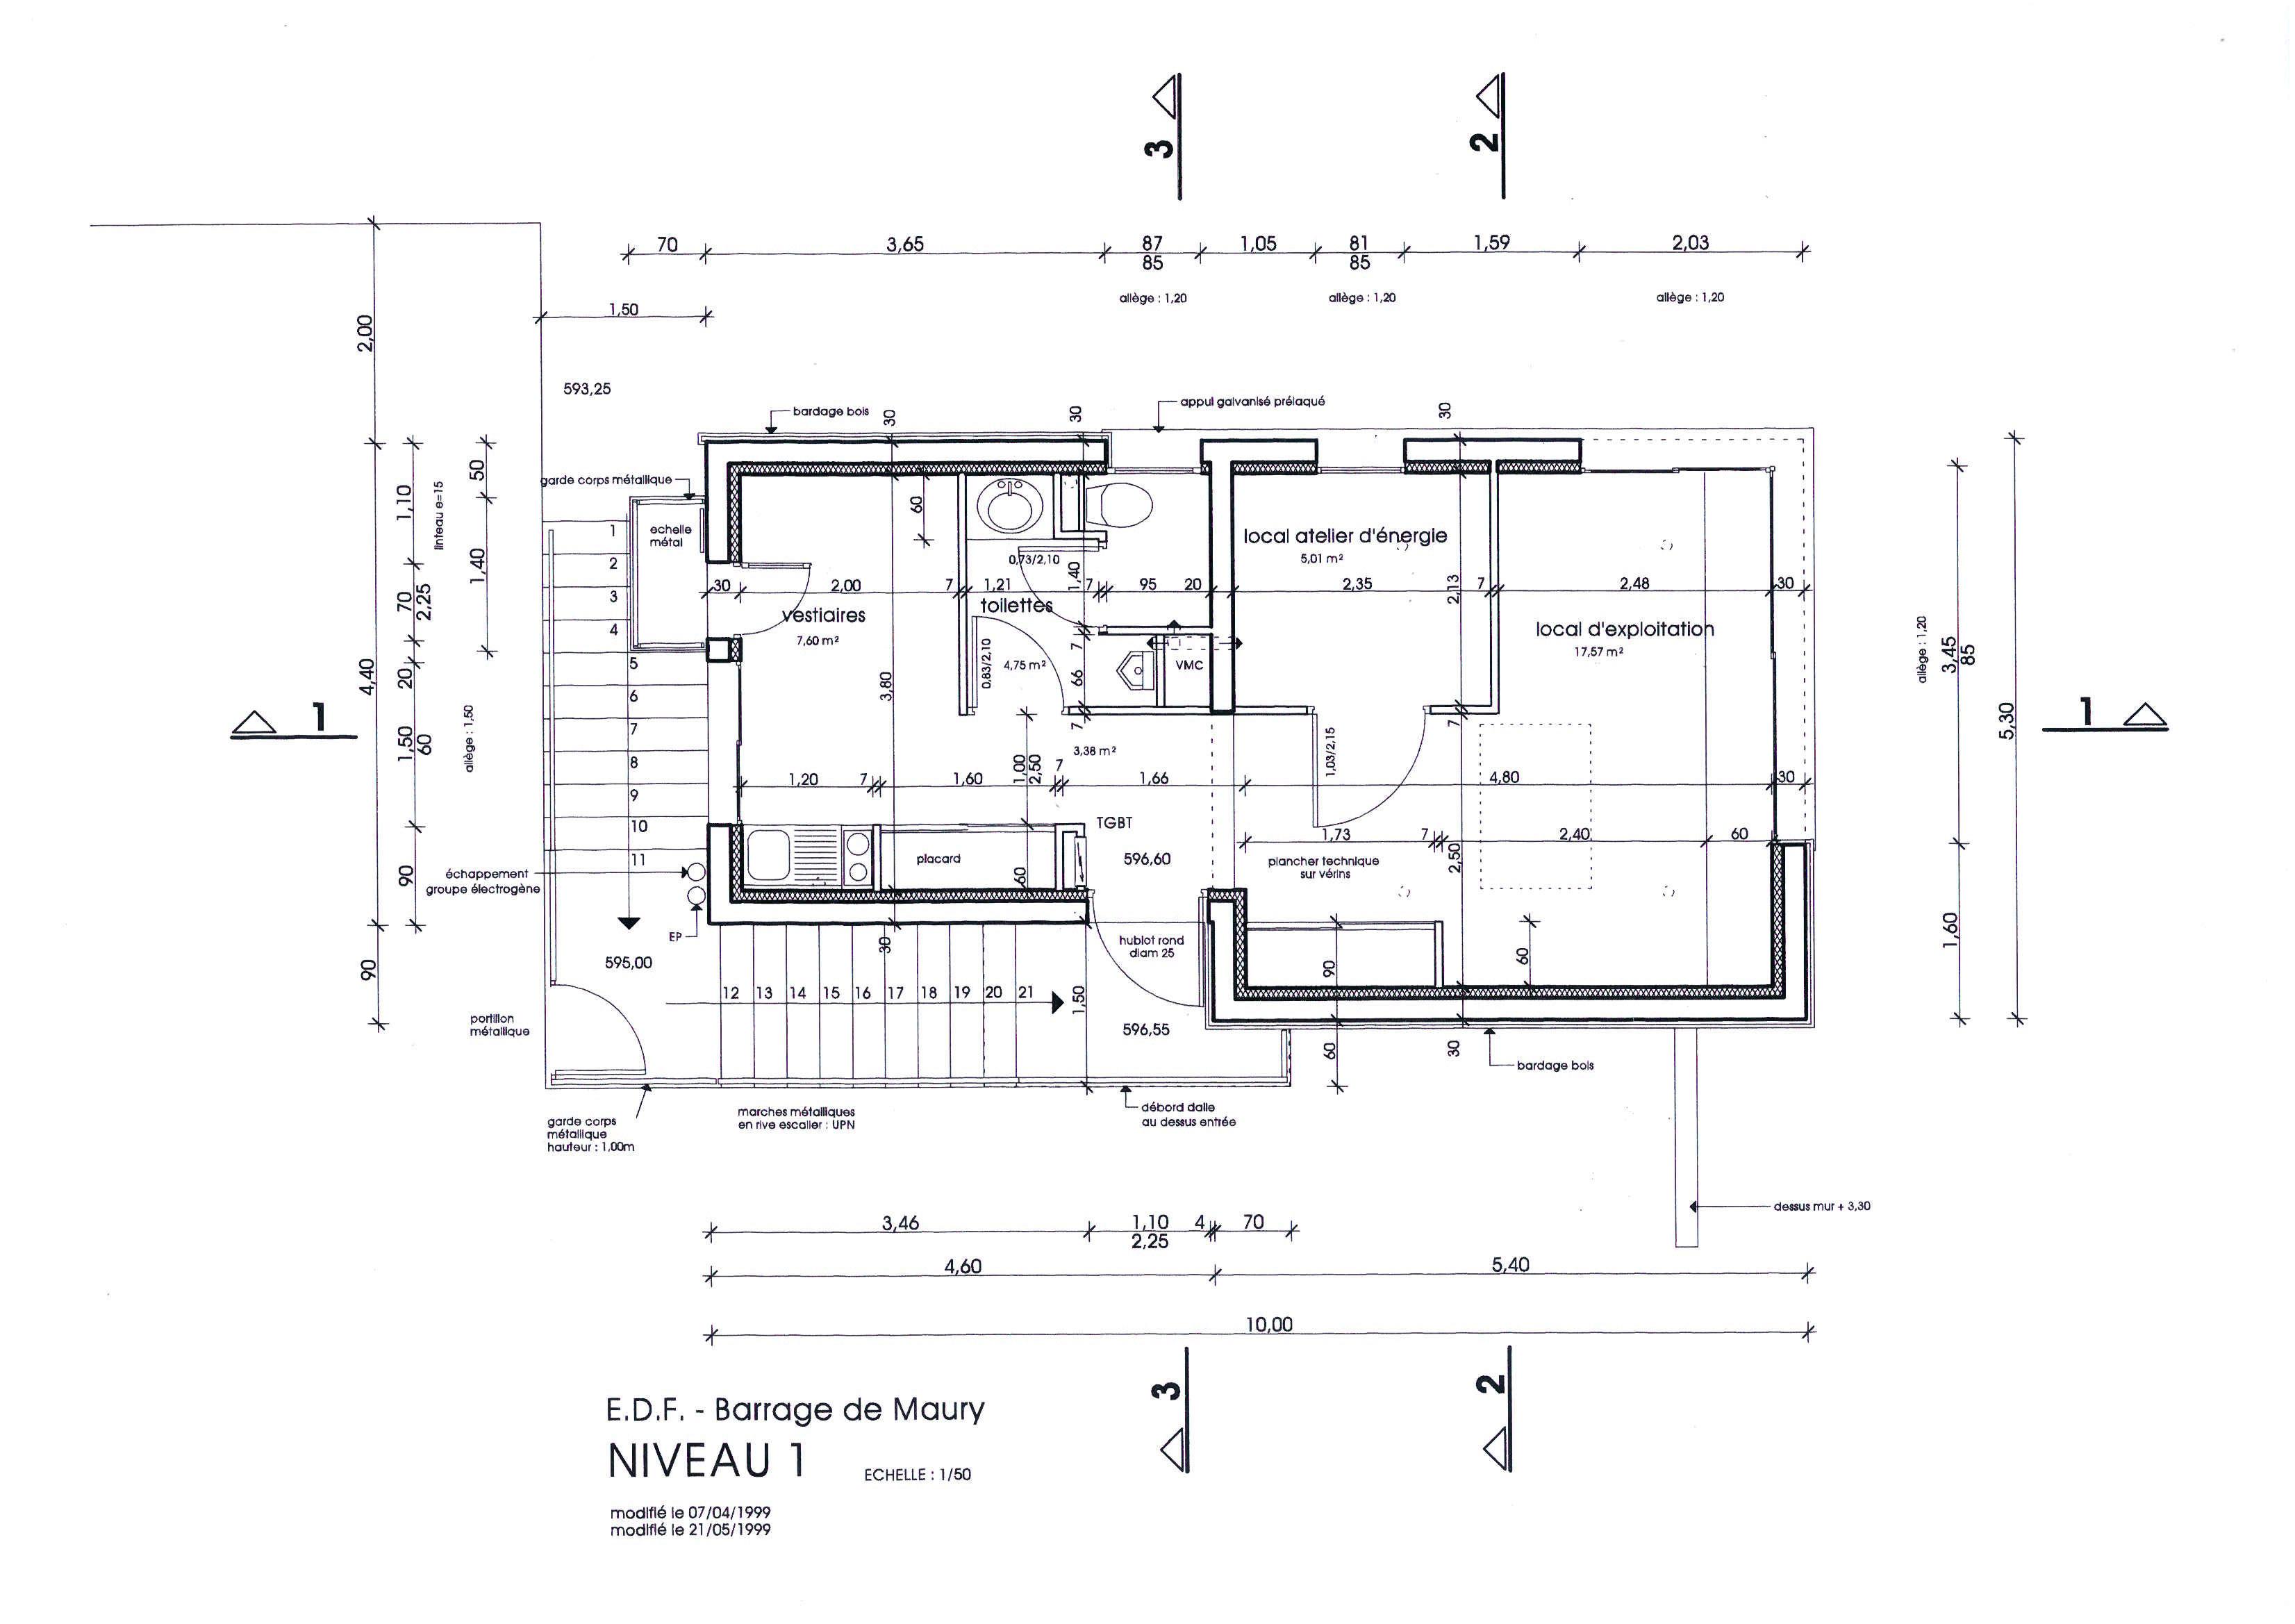 b timent d exploitation du barrage de la selve architecture aveyron. Black Bedroom Furniture Sets. Home Design Ideas